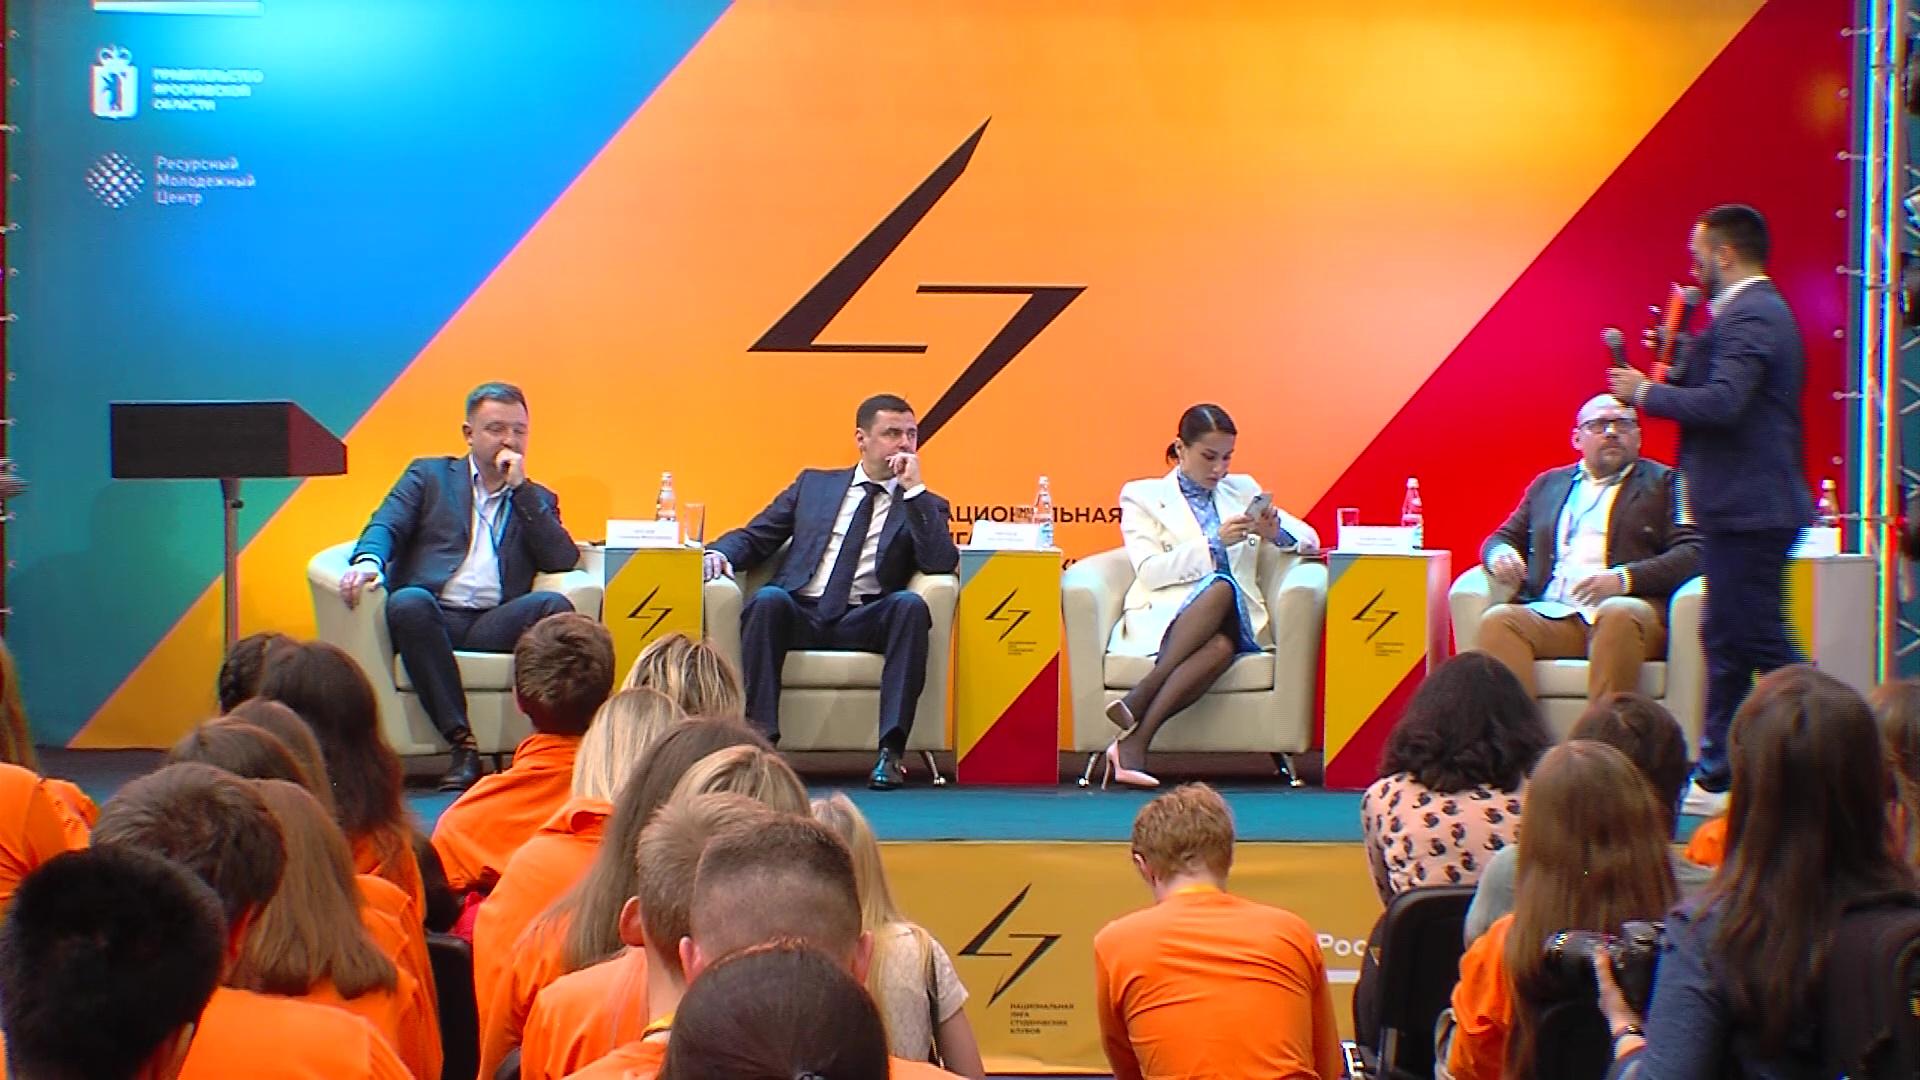 Объятья с Тиной Канделаки, тренды современности и носки с апельсинами: в Ярославле стартовал слет лидеров НЛСК